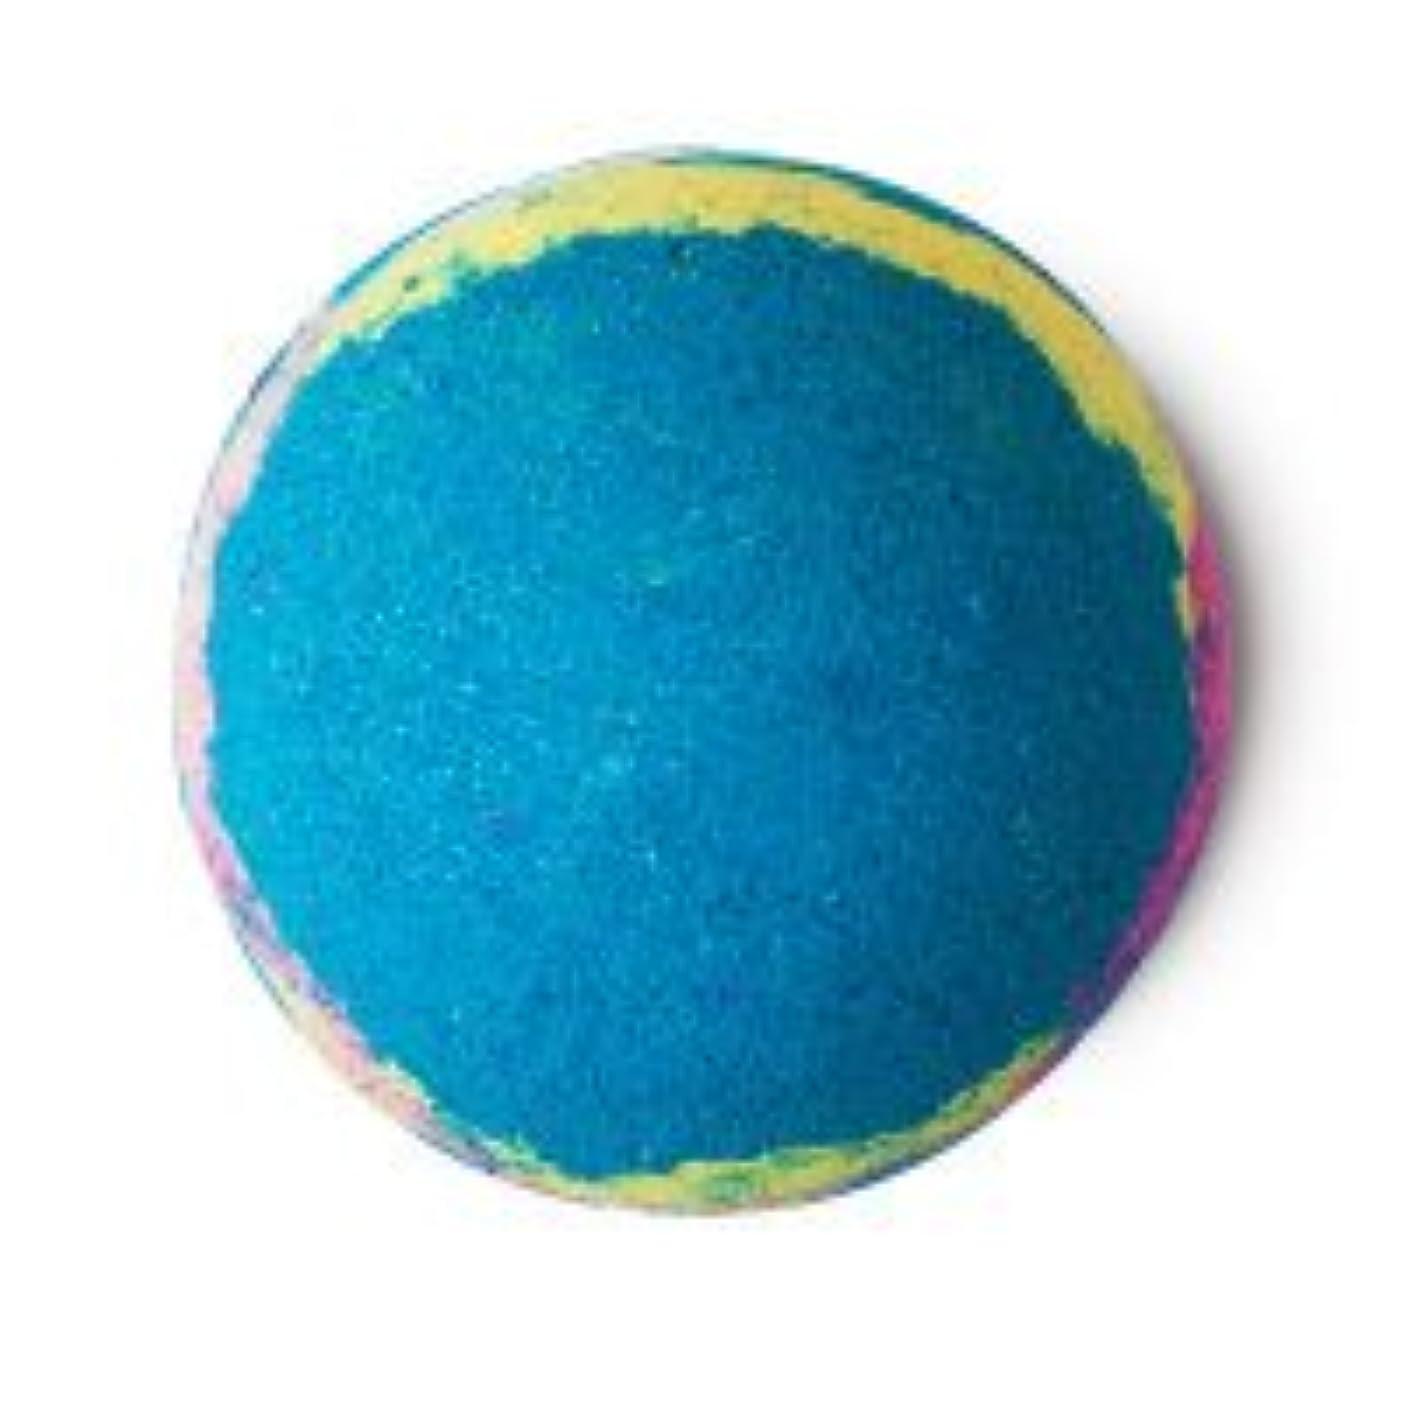 社会推進著名なLUSH ラッシュ インターギャラクティック 200g バスボム 浴用 ペパーミント 入浴剤 マンダリン 自然派化粧品 天然成分 Intergalactic 入浴剤 ギフト